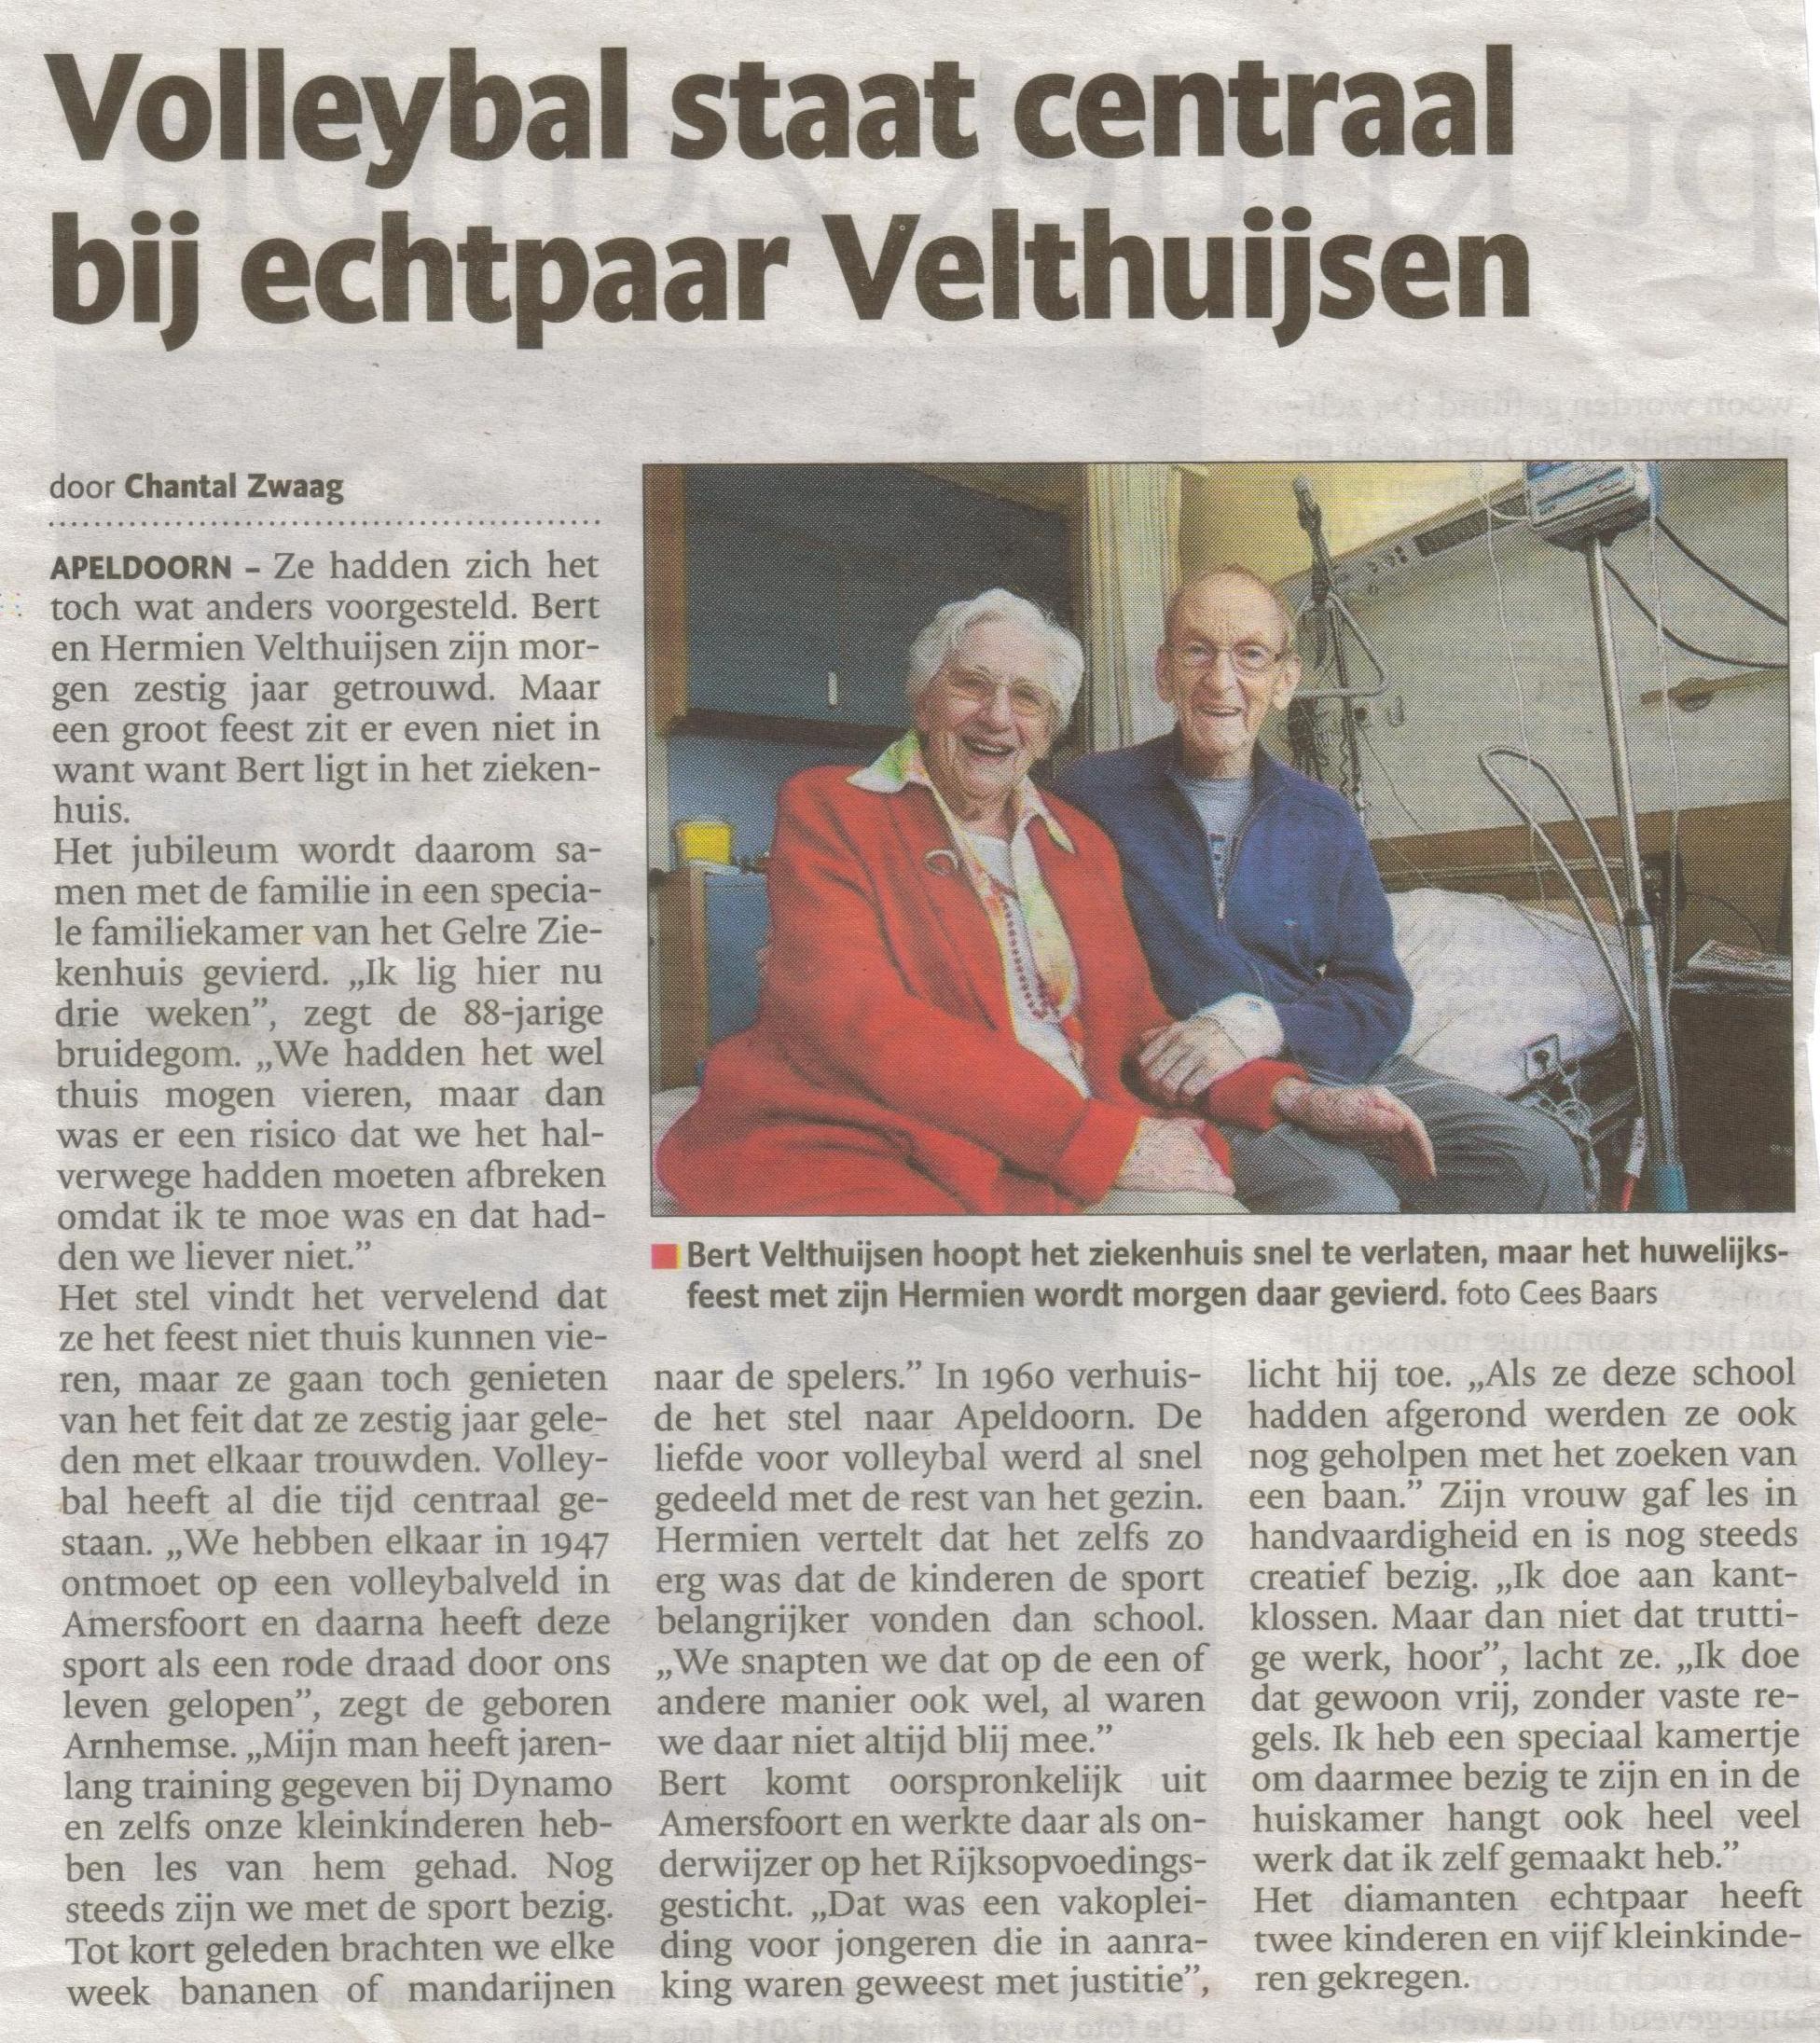 Bron: De Stentor Apeldoorn 7 september 2013